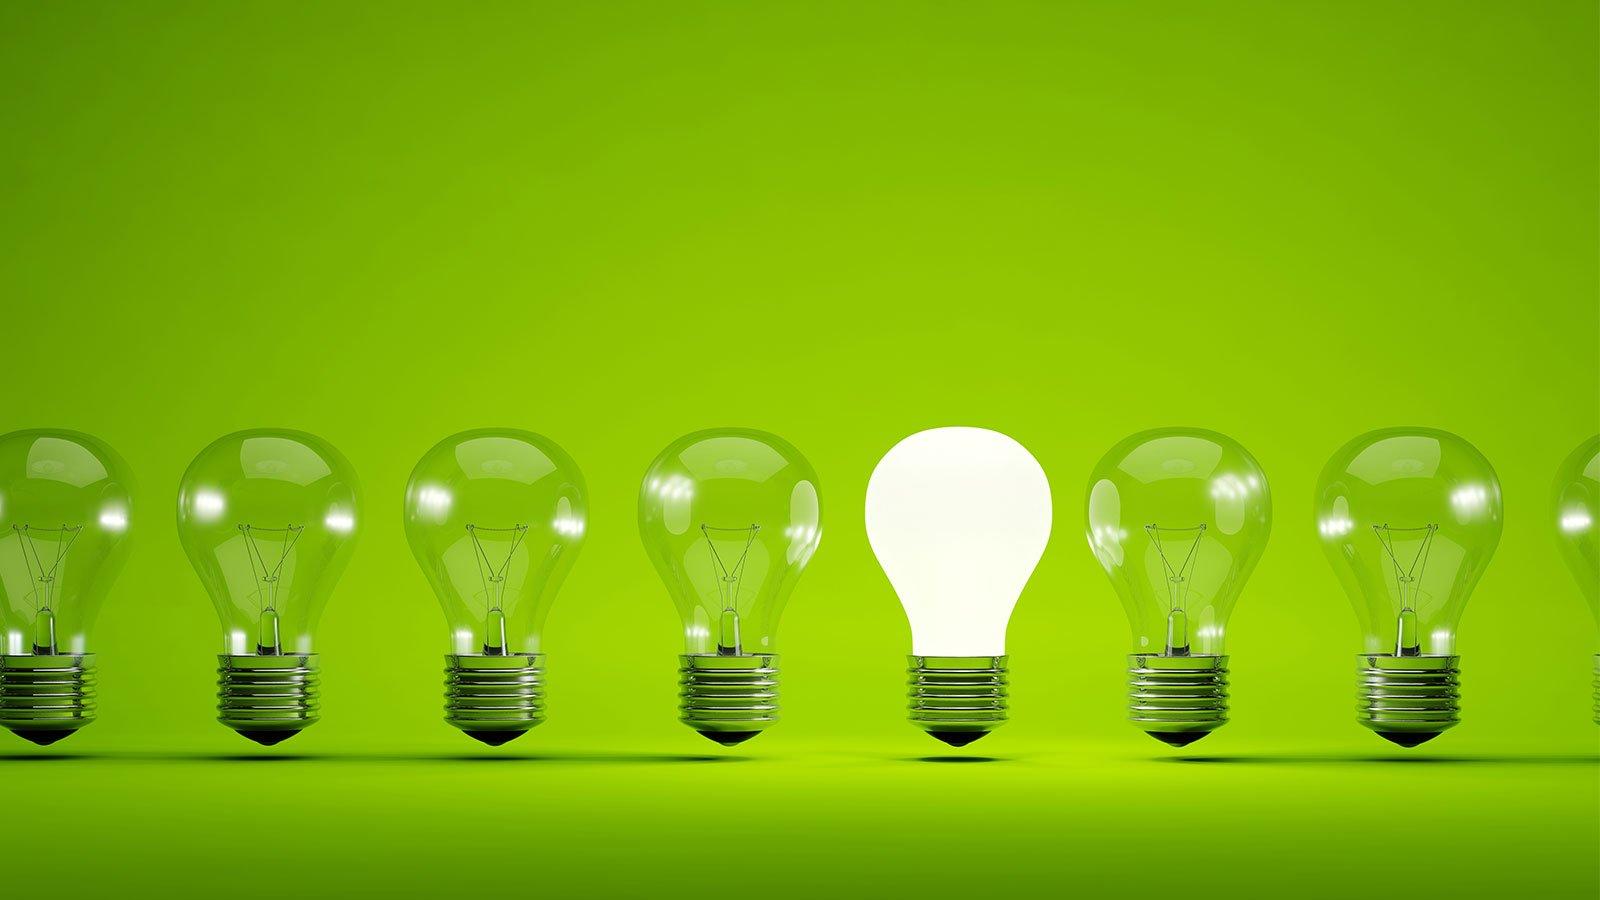 Lampadine in fila su sfondo verde